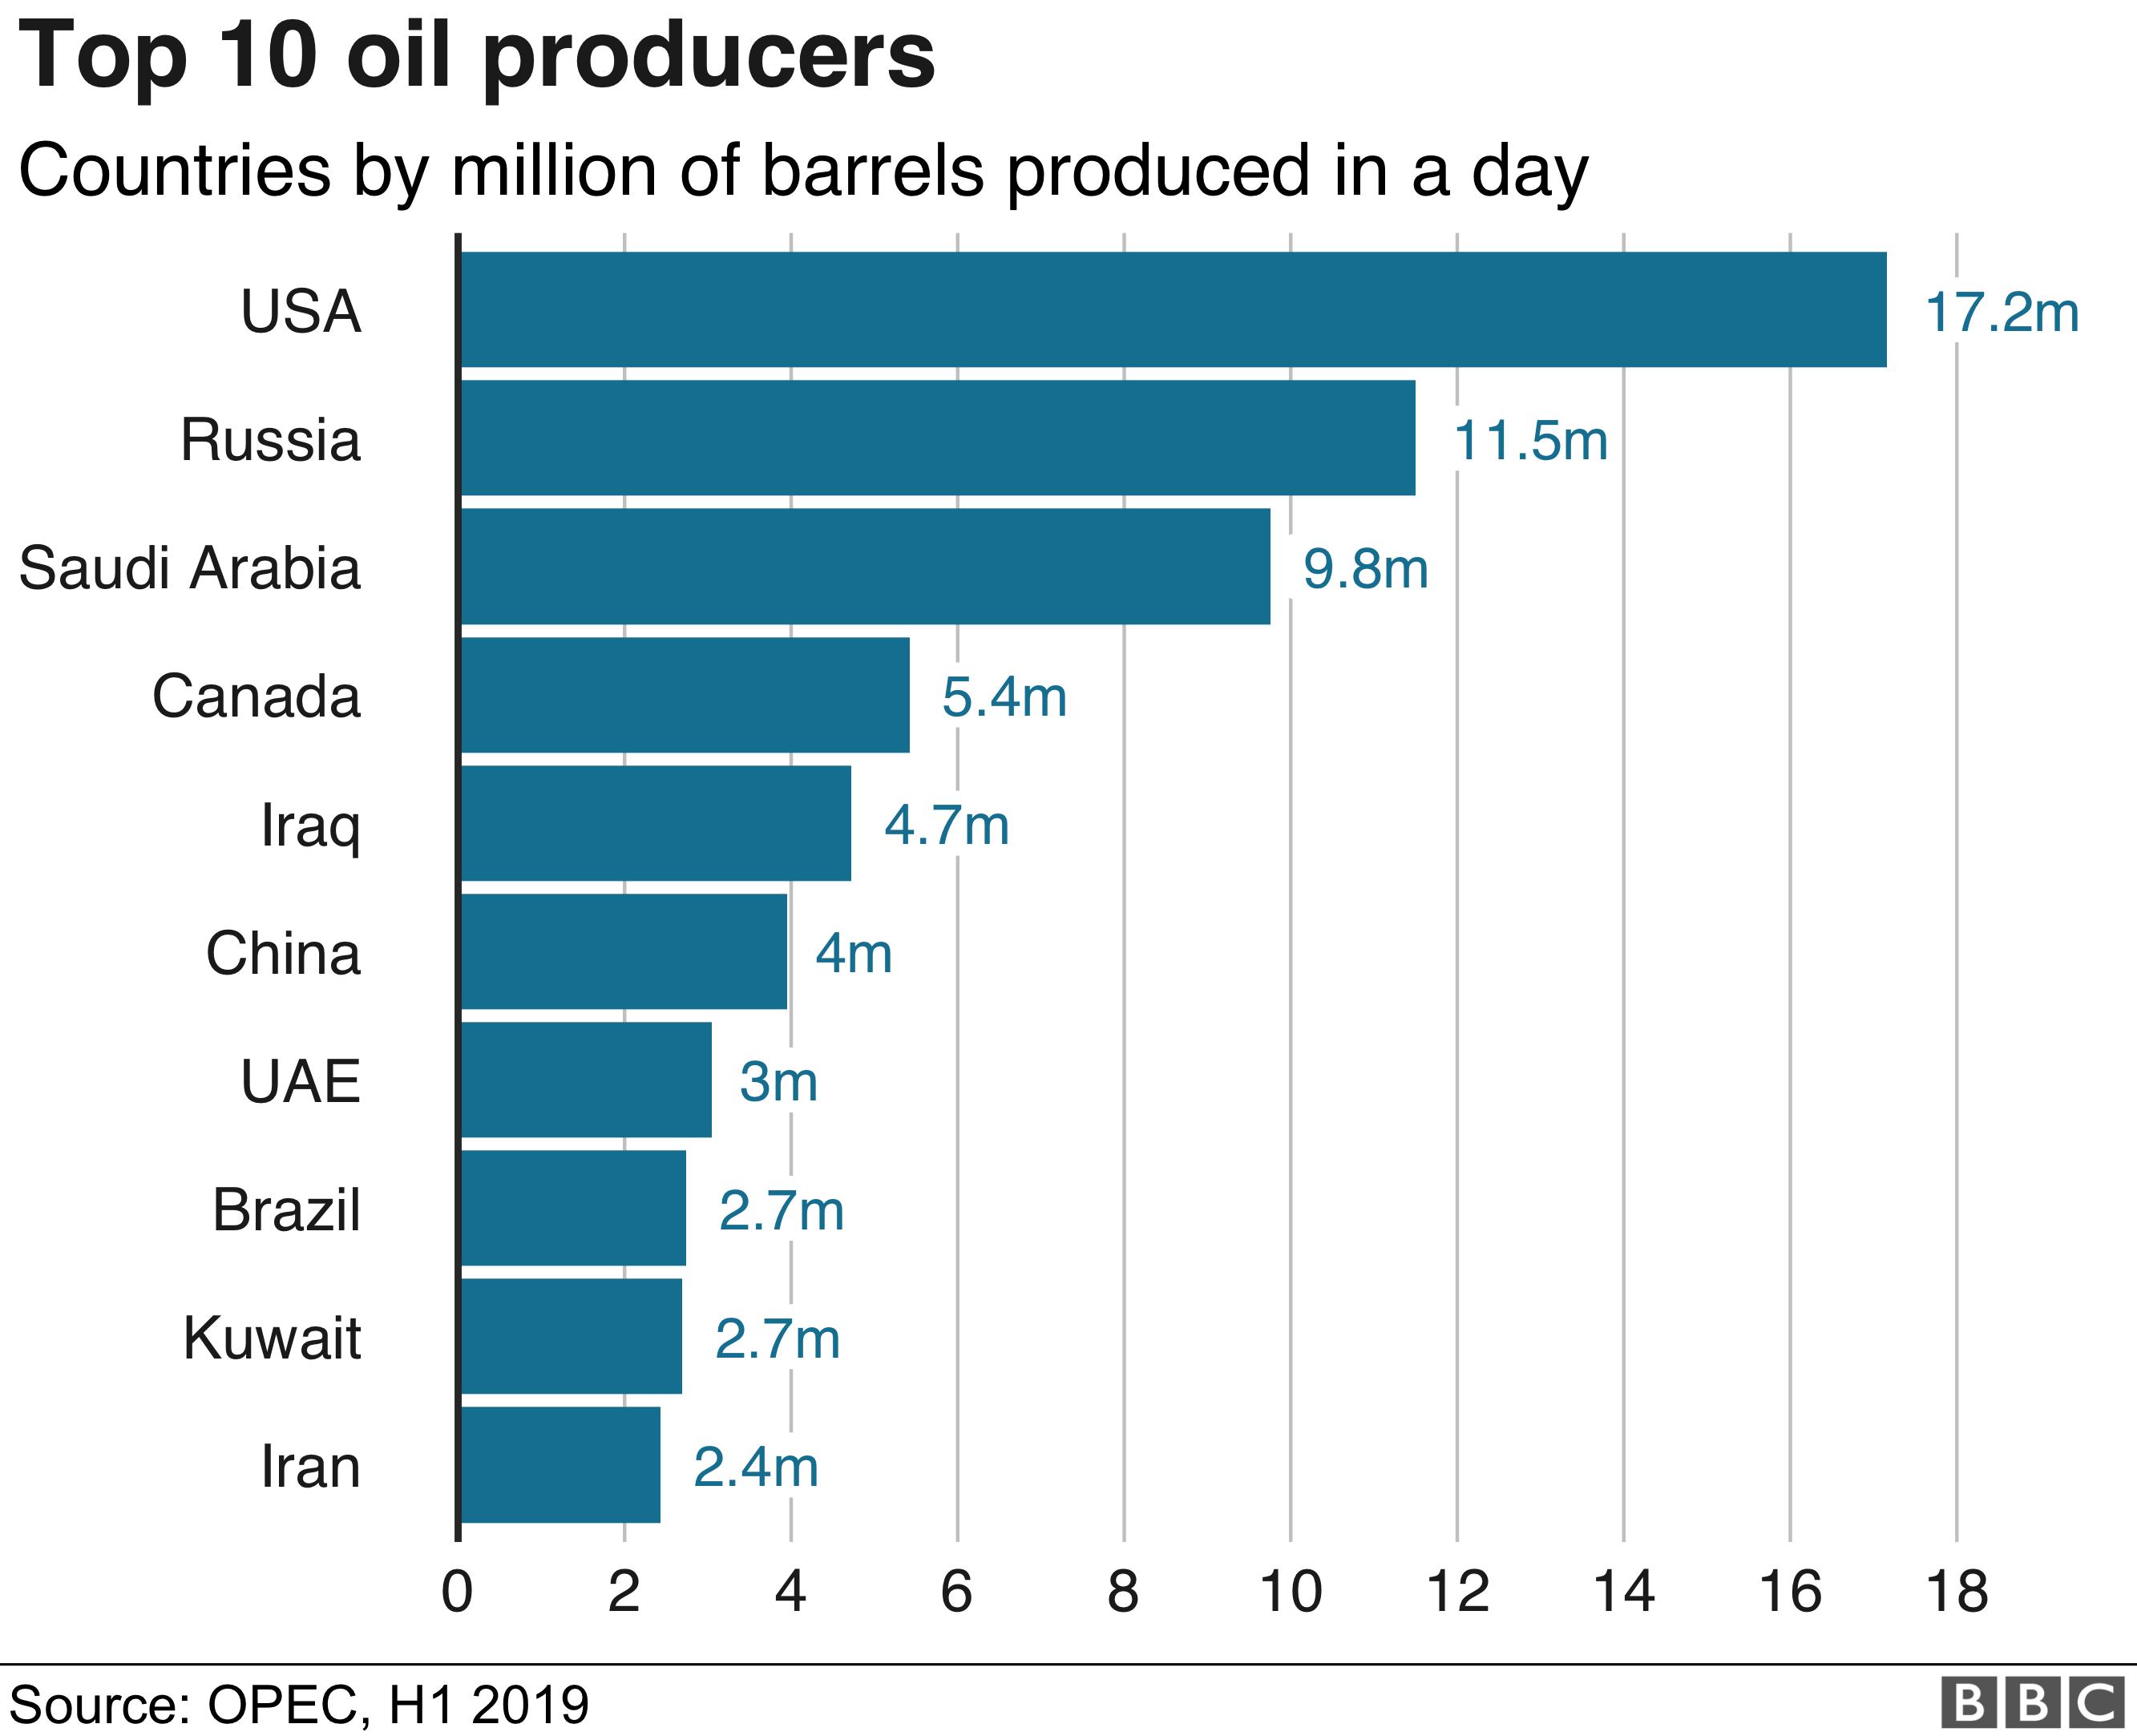 Gráfico mostrando os 10 maiores produtores de petróleo do mundo